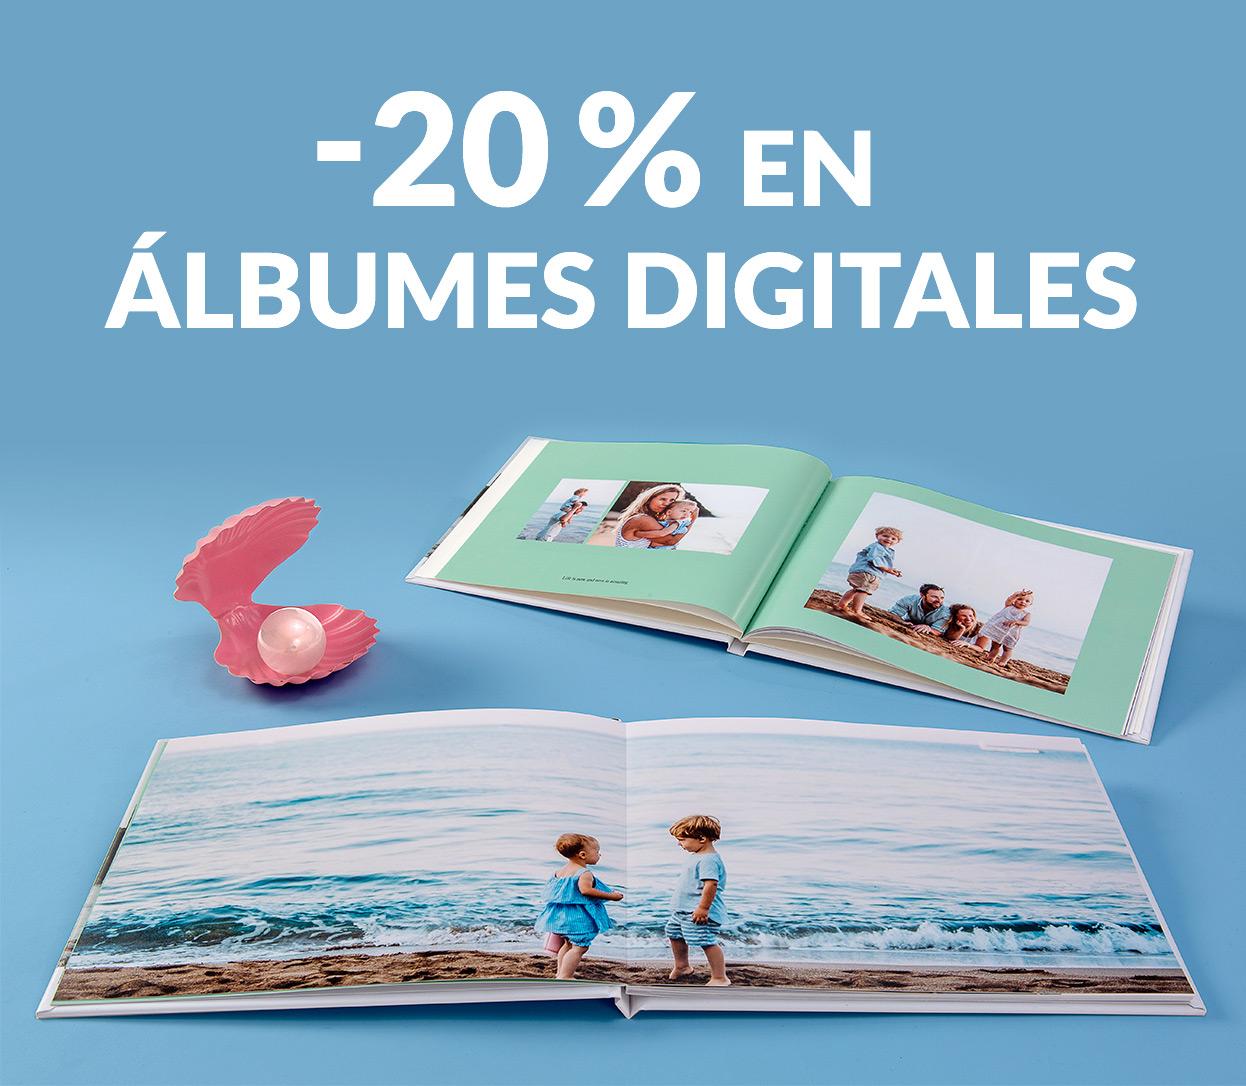 -20% en Álbumes Digitales